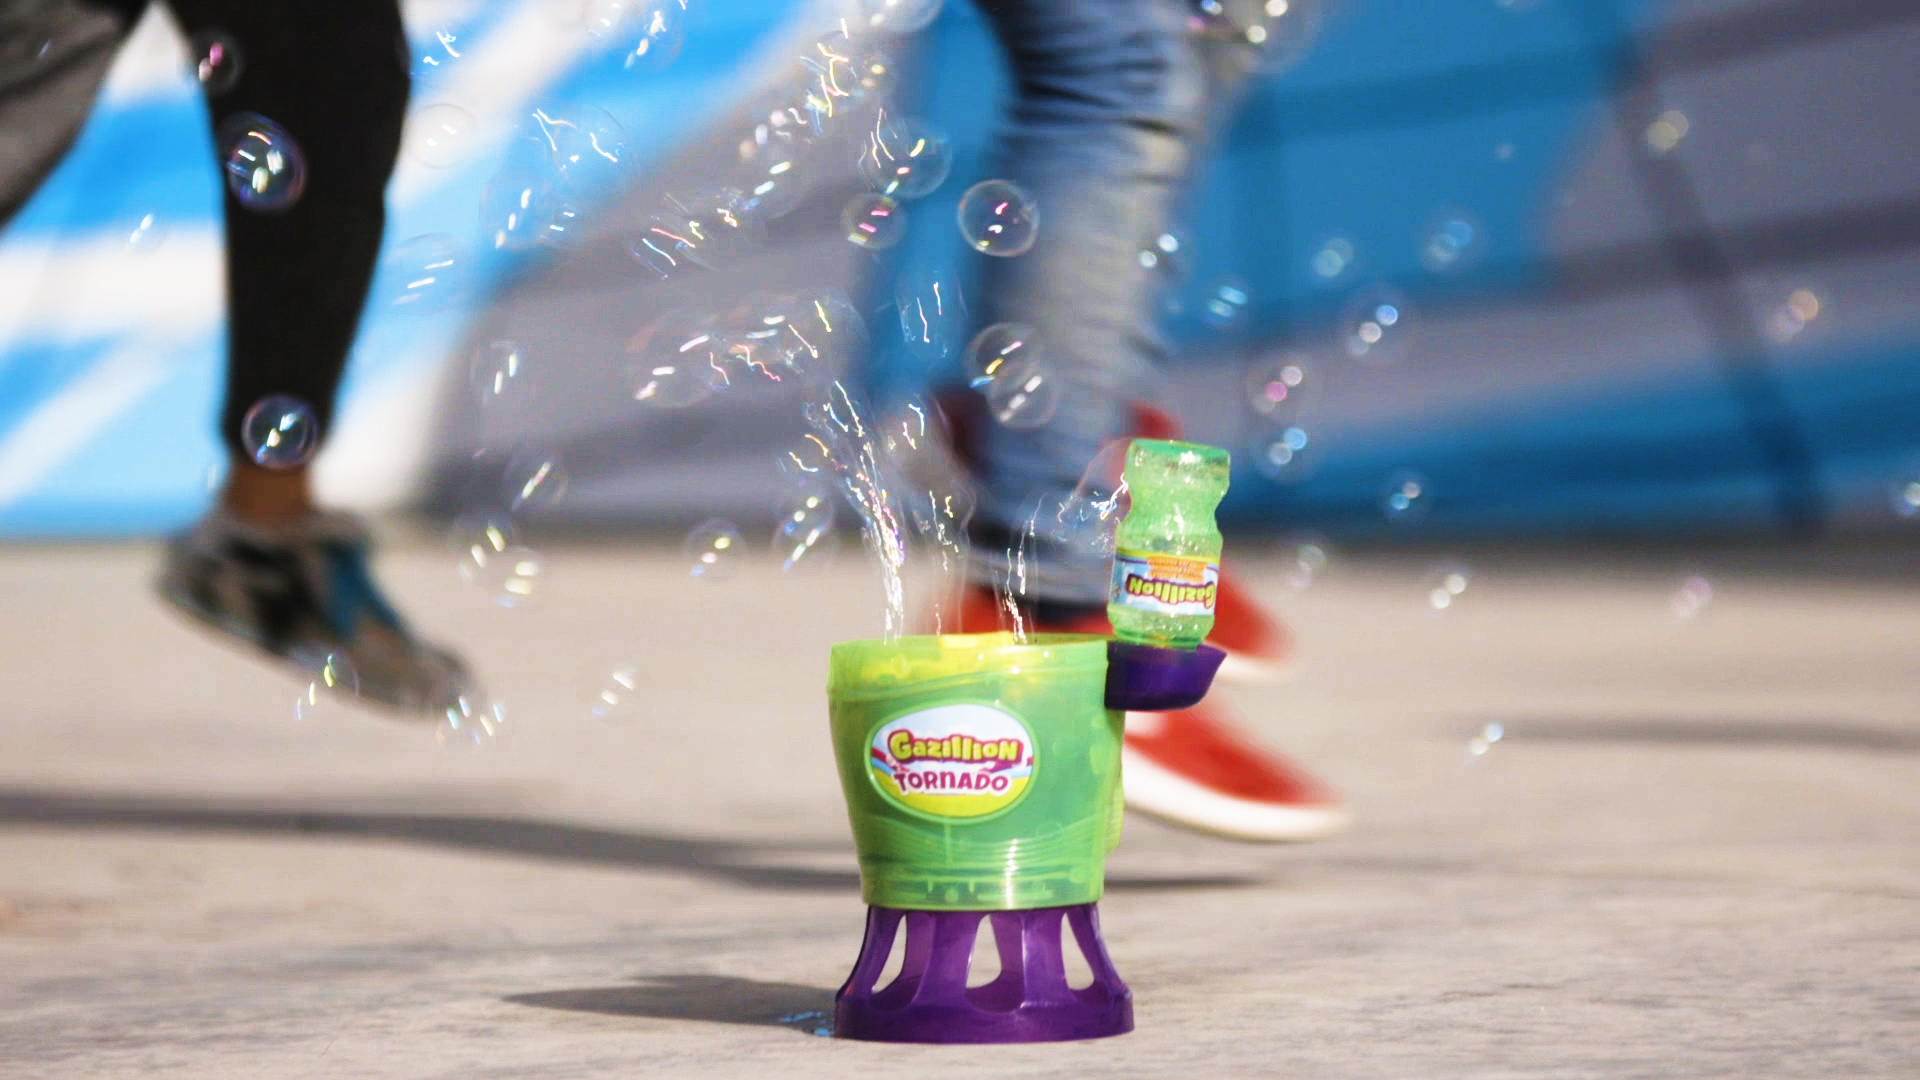 Gazillion, pompas para dar color a las fiestas veraniegas 1